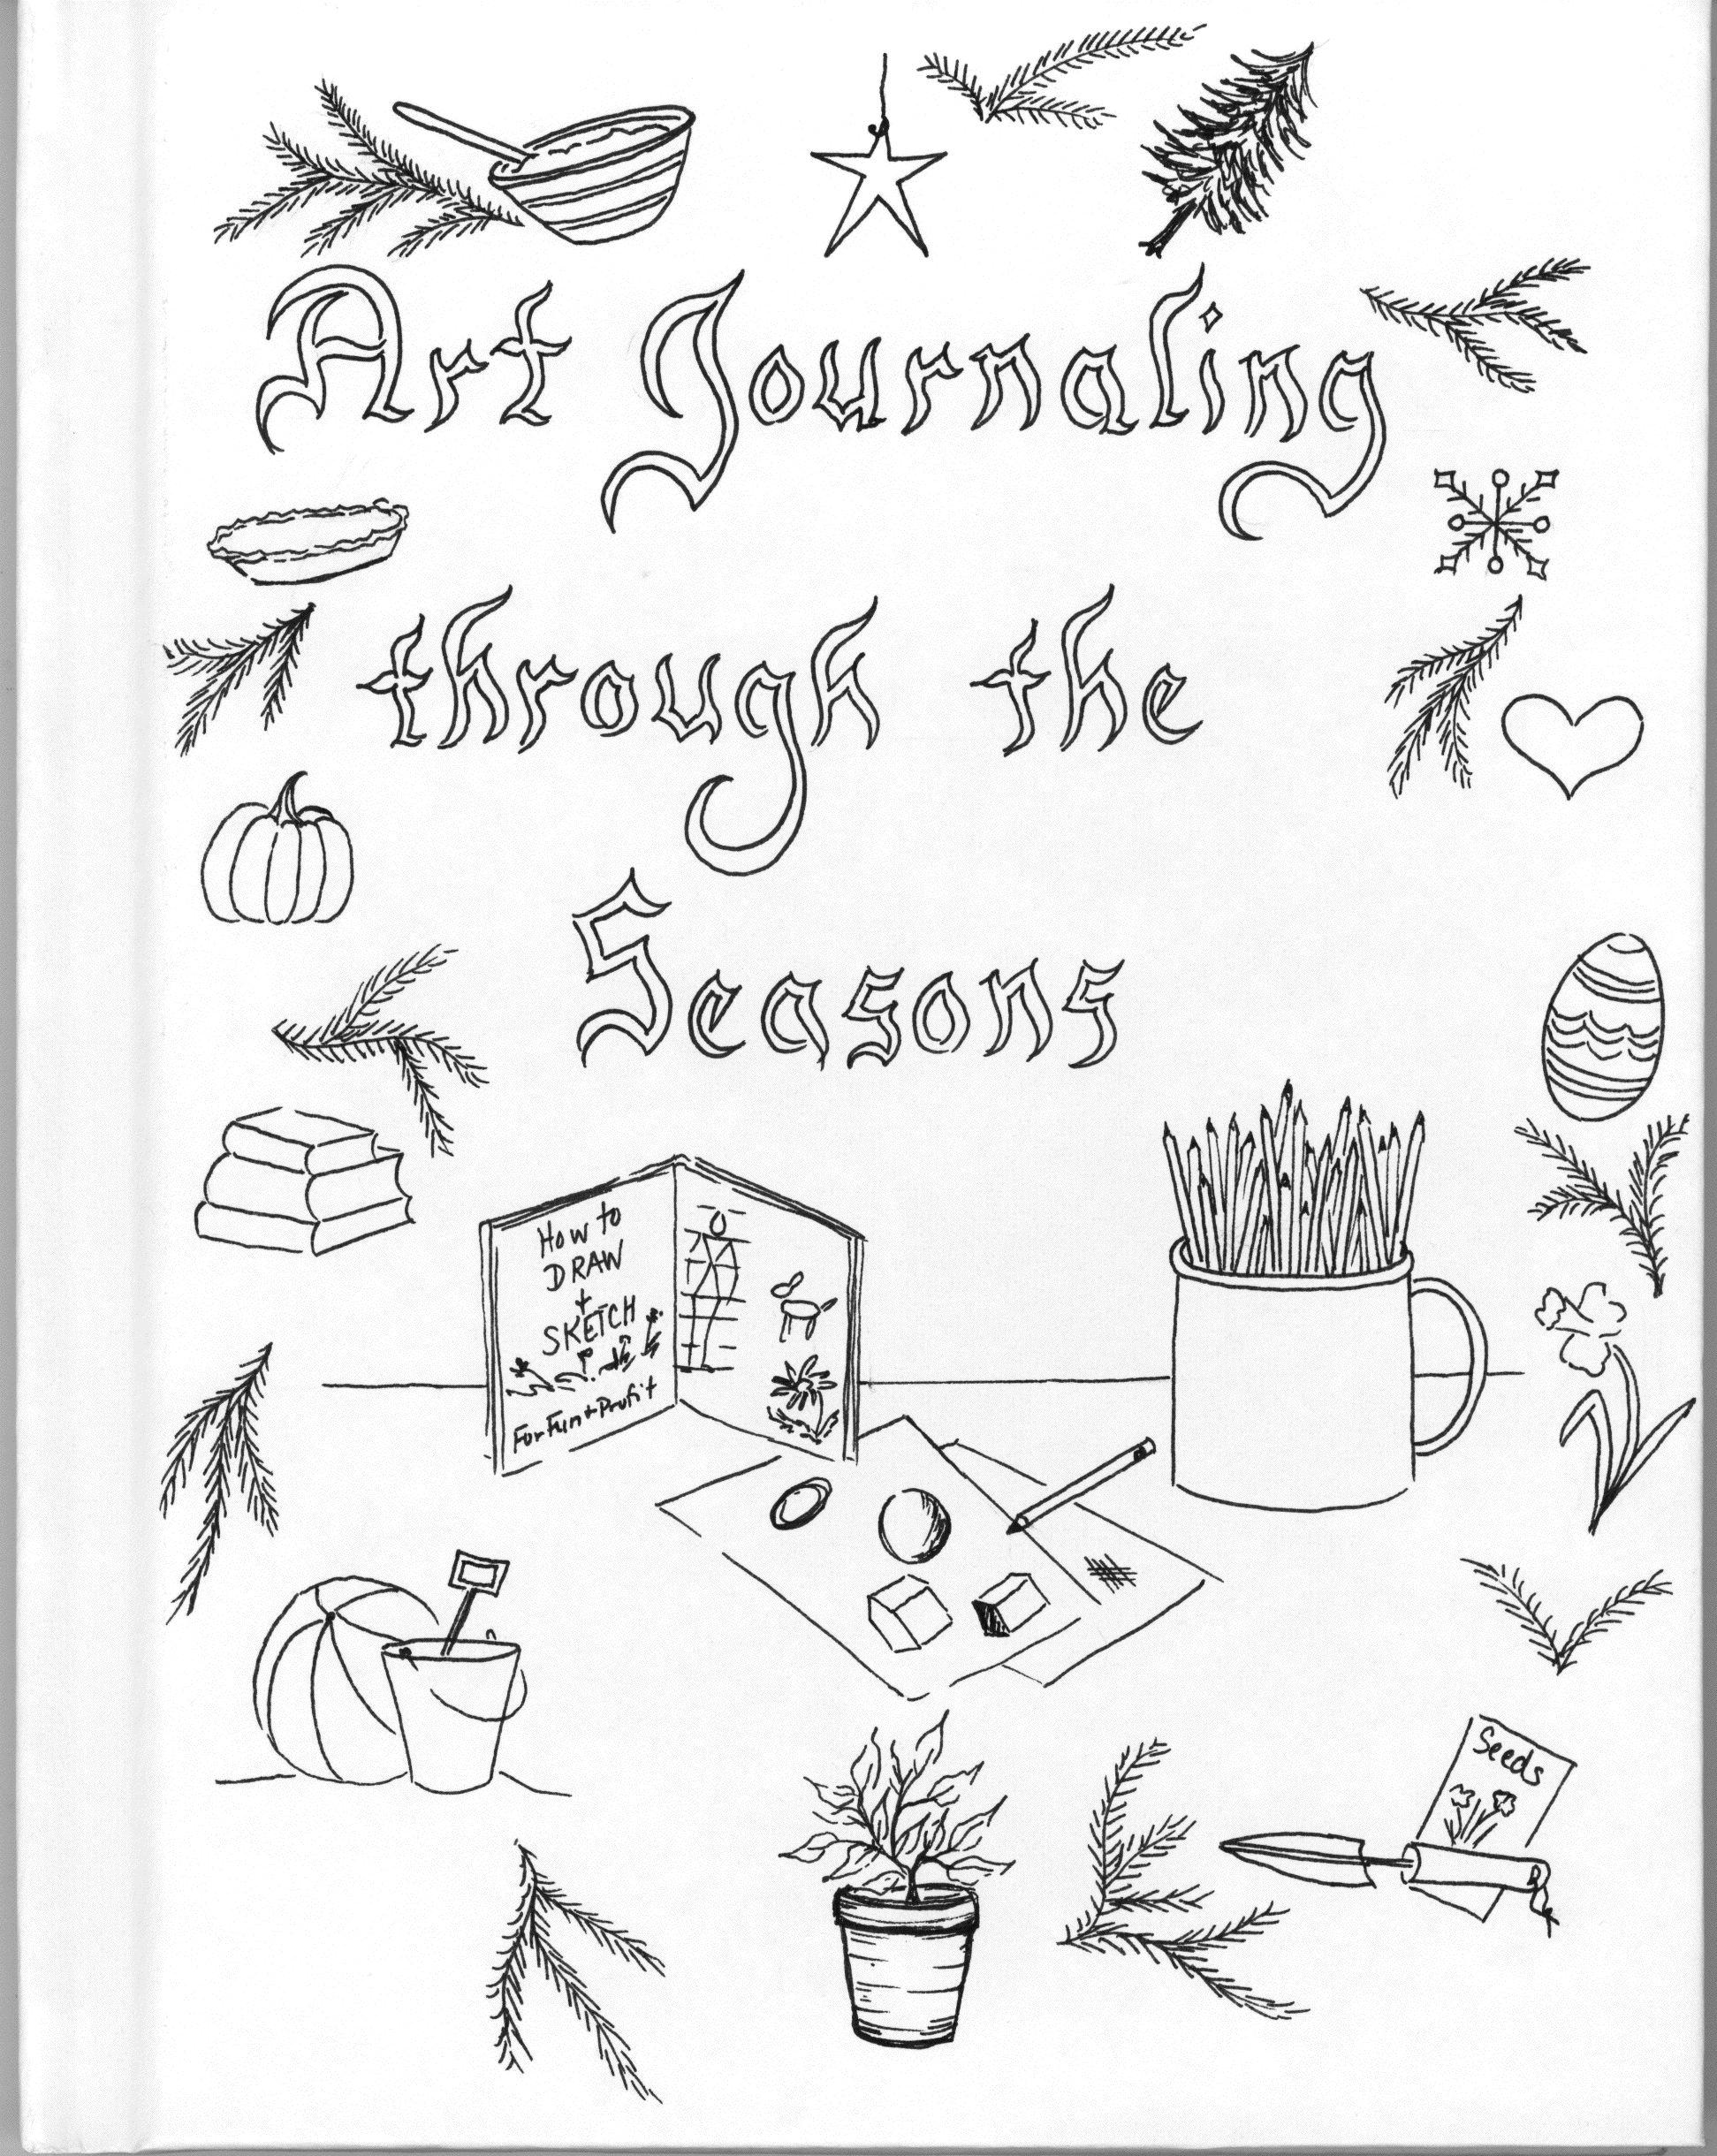 Heart art journal page by Jill Wheeler featuring Scrap